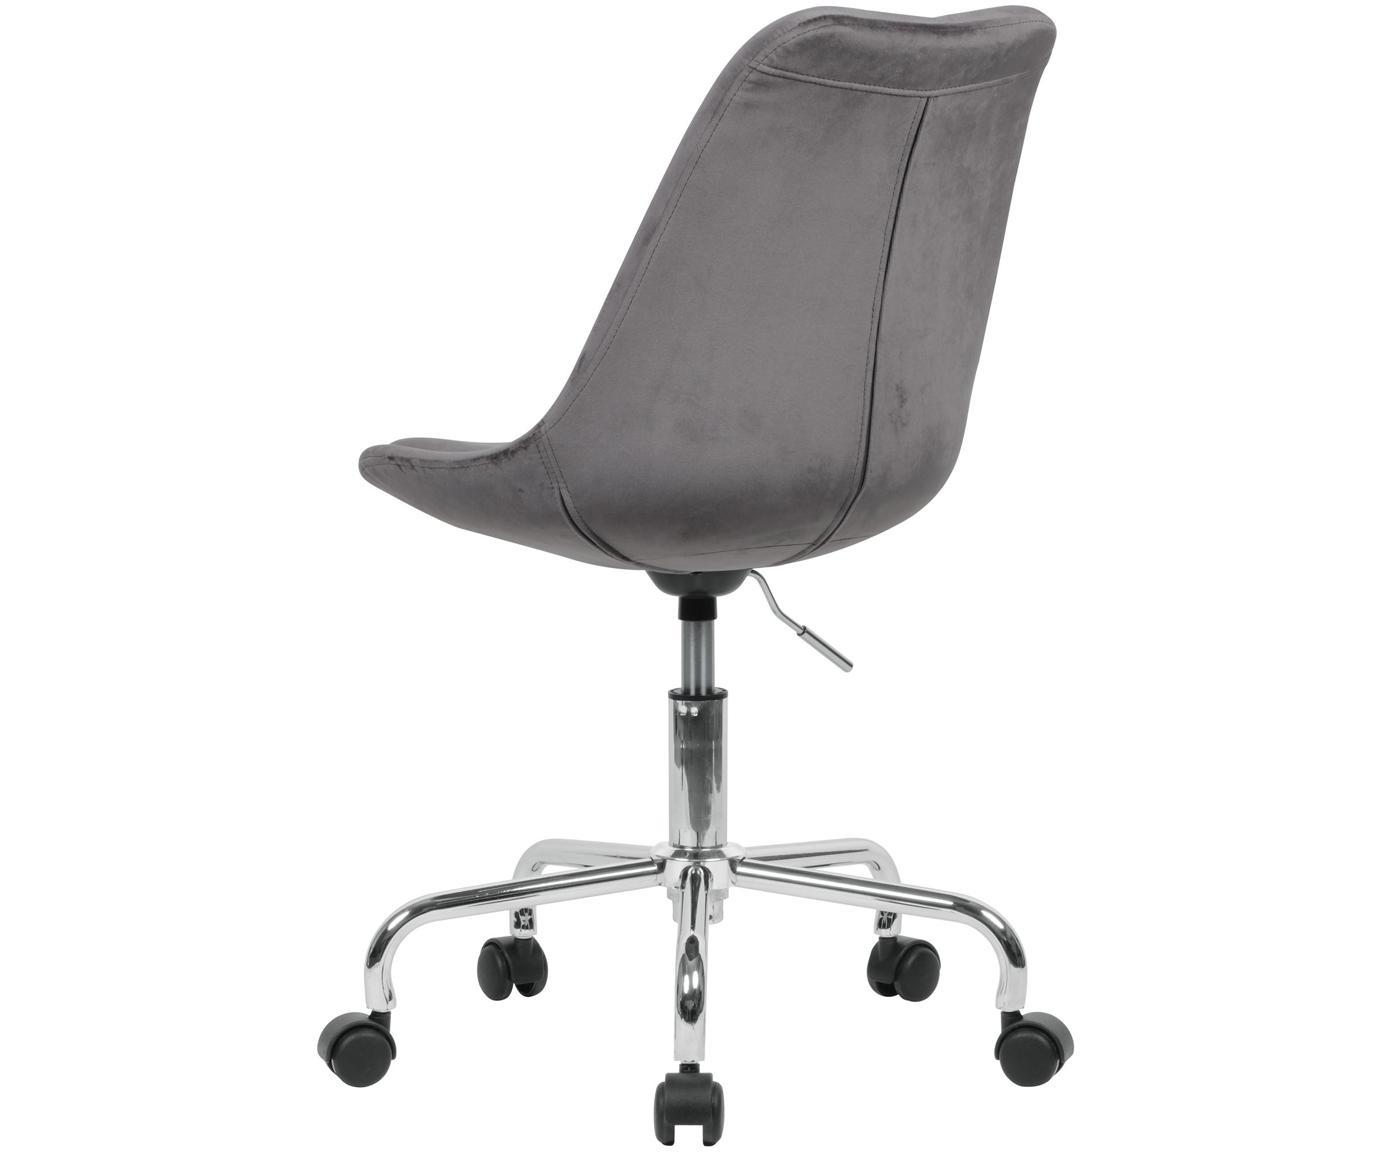 Samt-Bürodrehstuhl Lenka, höhenverstellbar, Bezug: Samt, Gestell: Metall, verchromt, Samt Grau, B 65 x T 56 cm